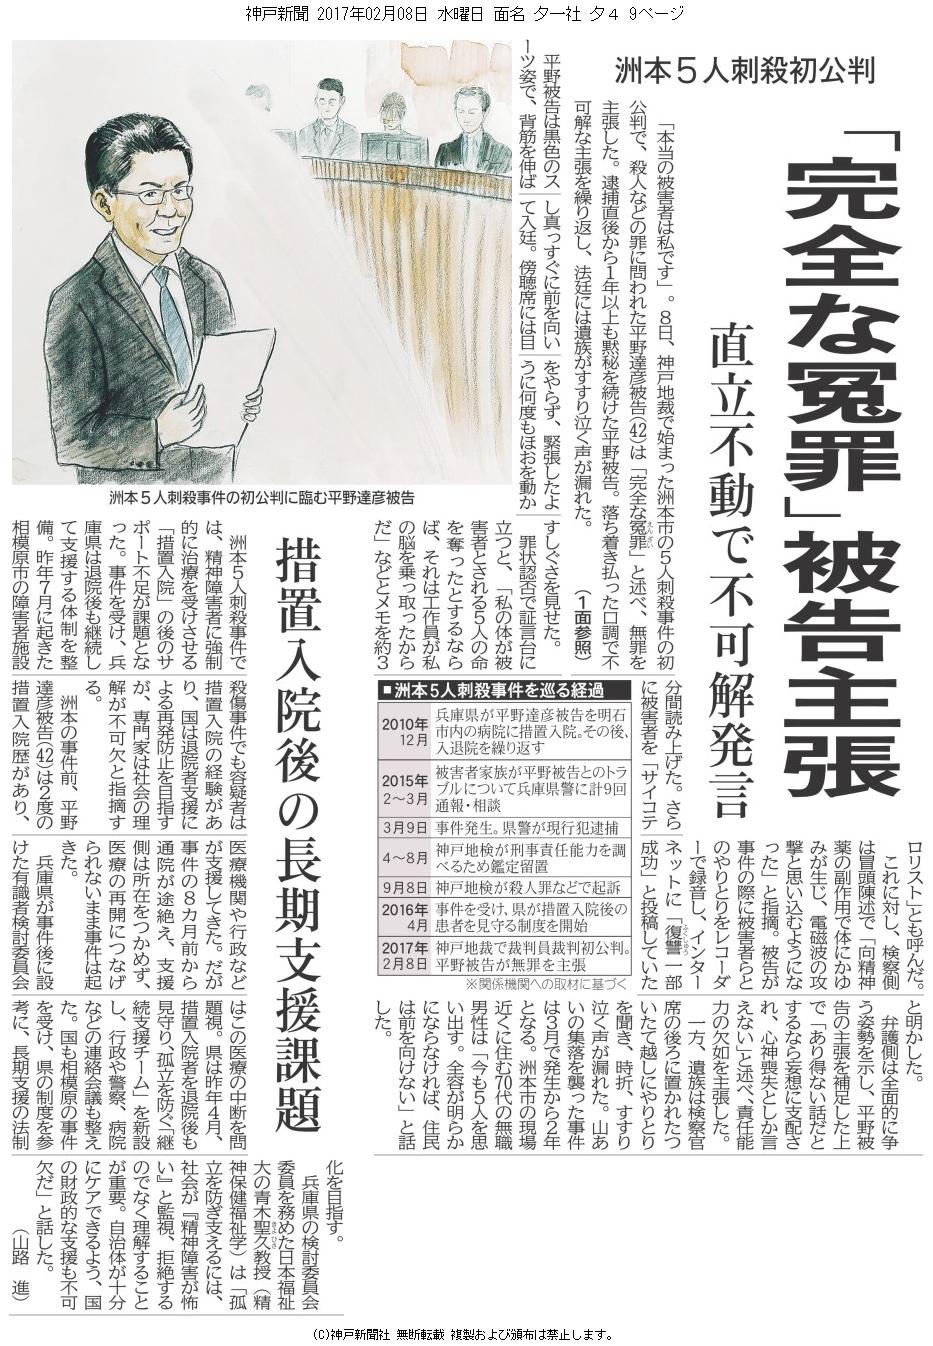 170208夕刊洲本5人殺傷事件社会面記事